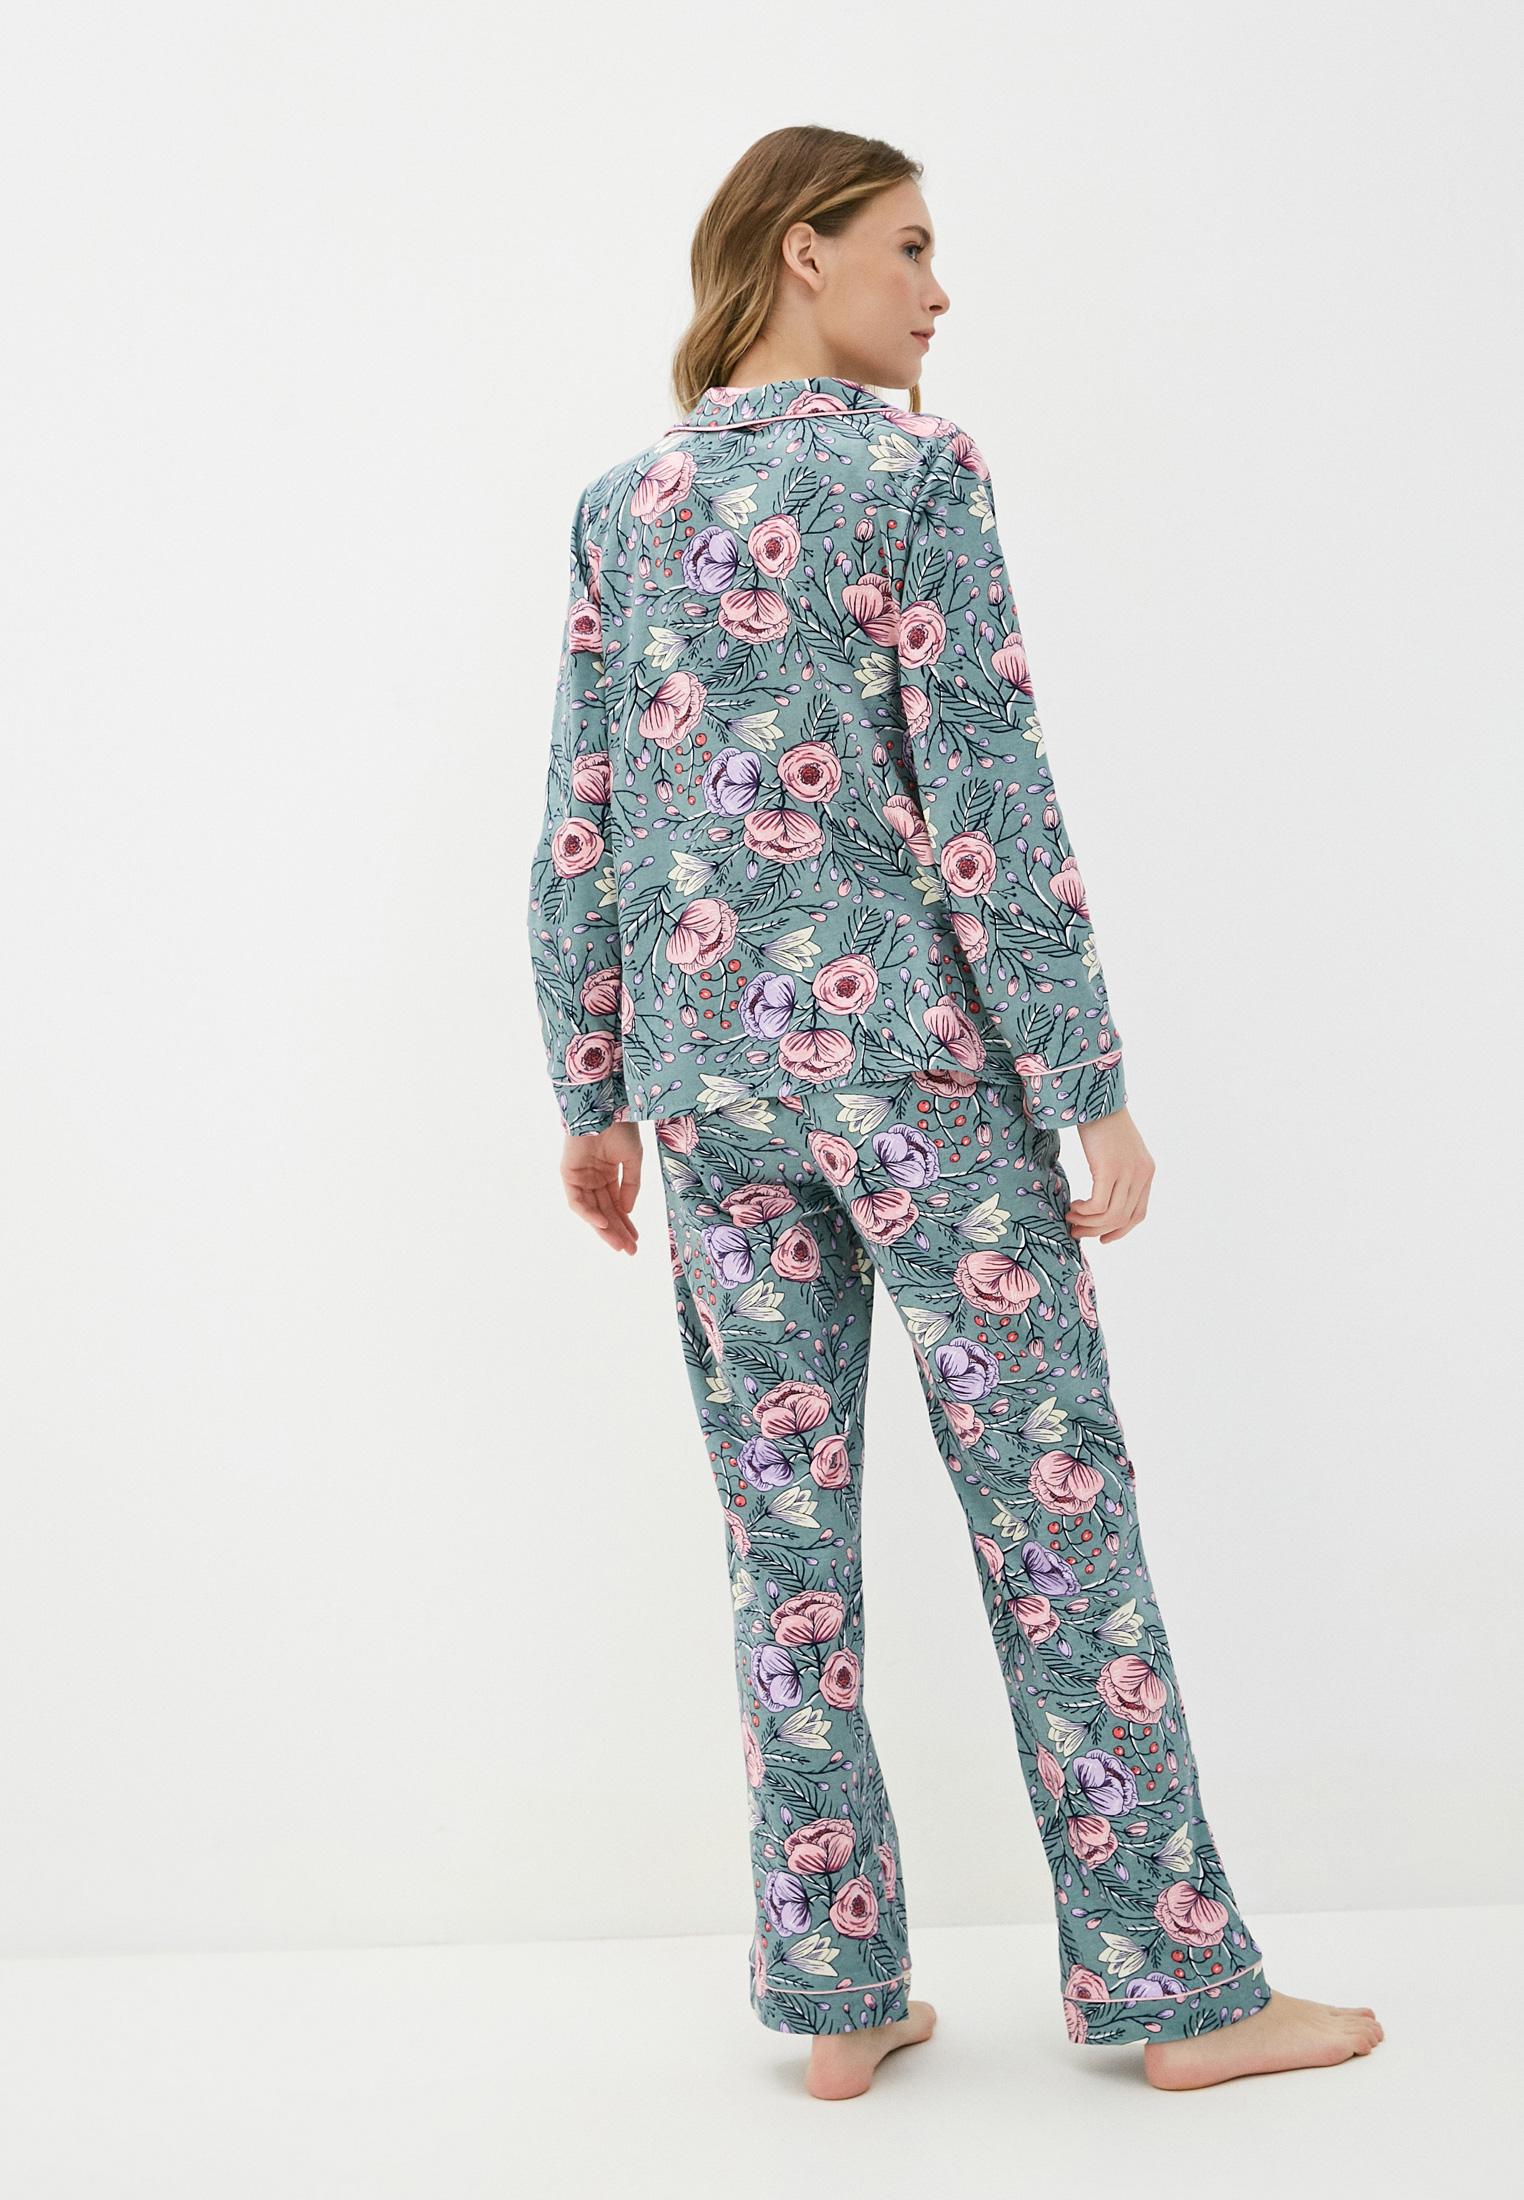 Женское белье и одежда для дома Dansanti ДК541: изображение 3